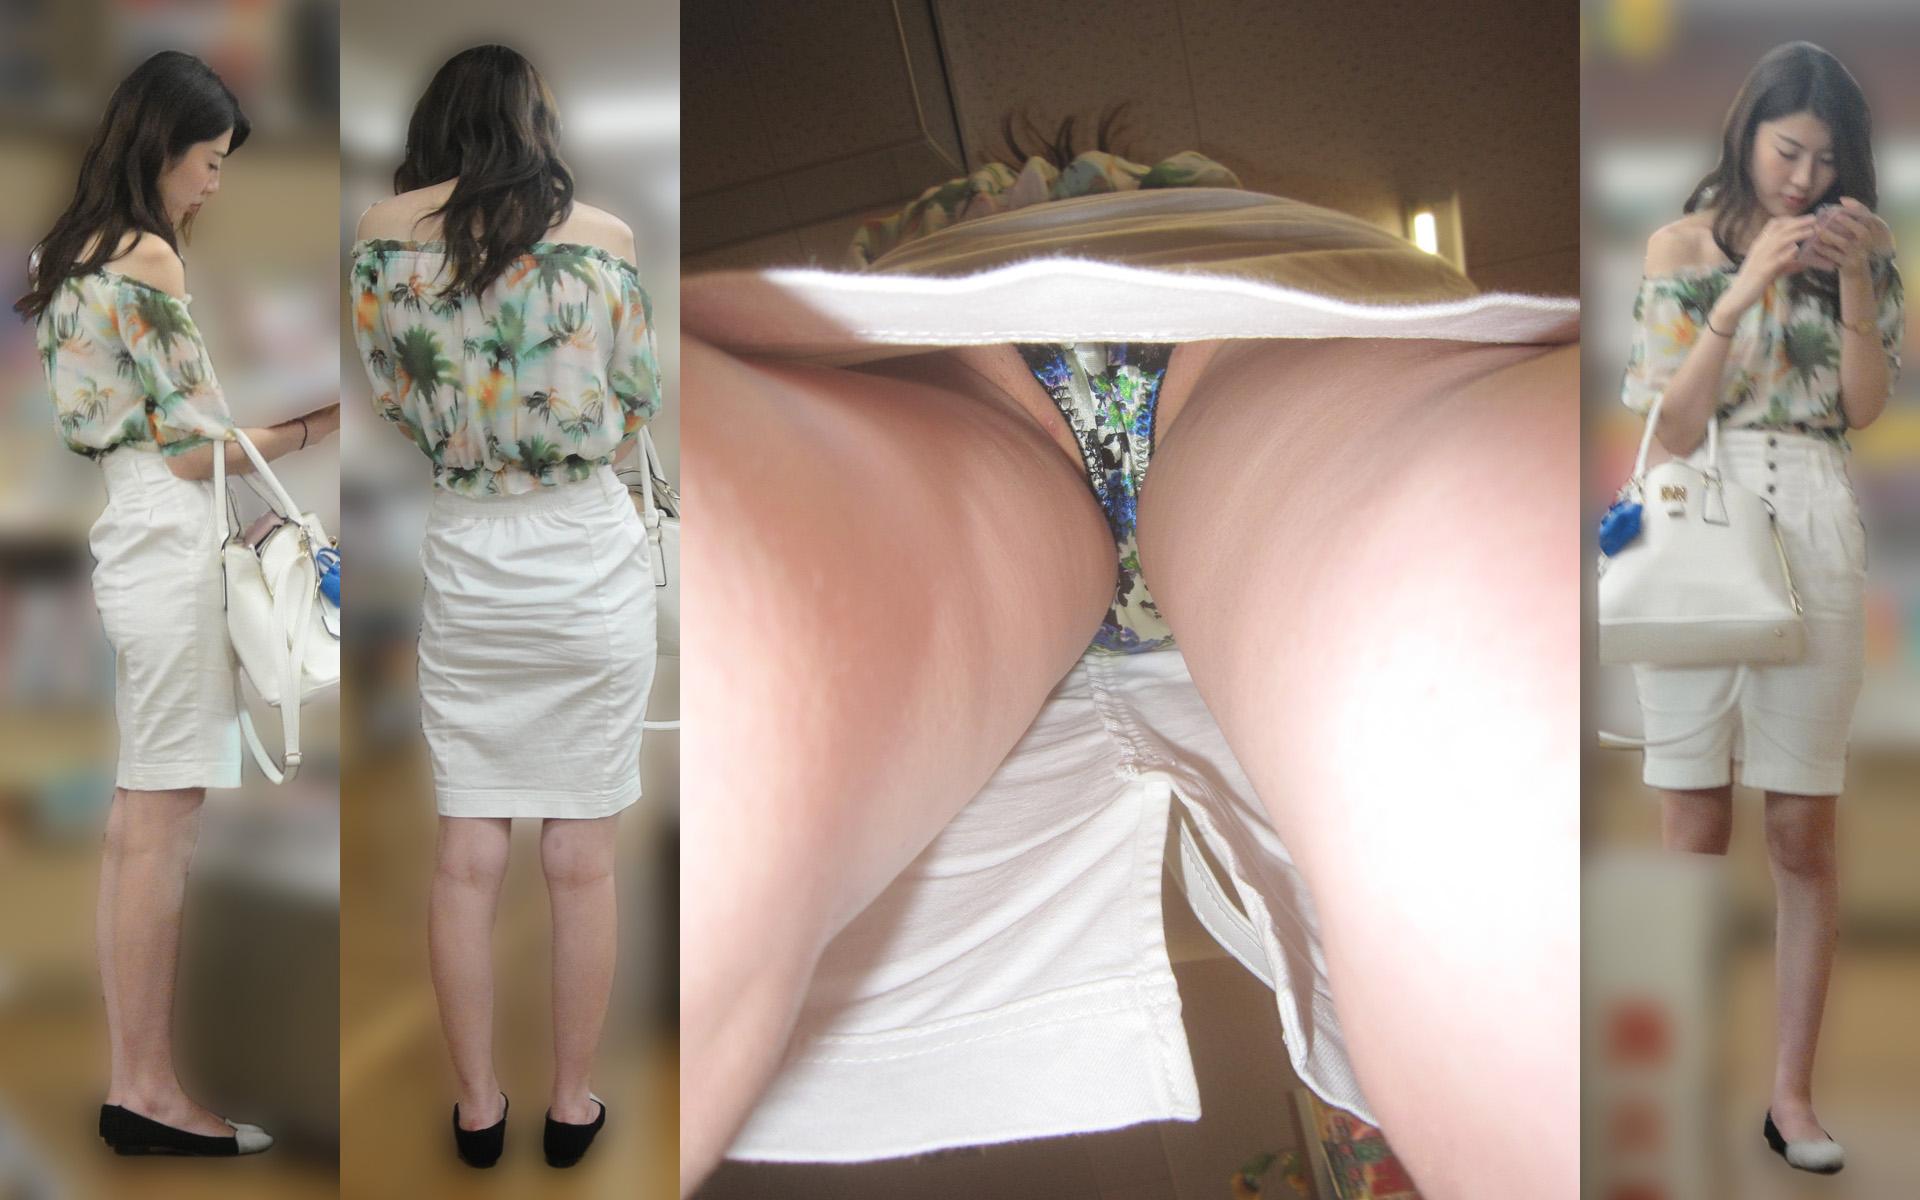 清楚なお姉さんの色っぽいサテン下着を隠し撮り!